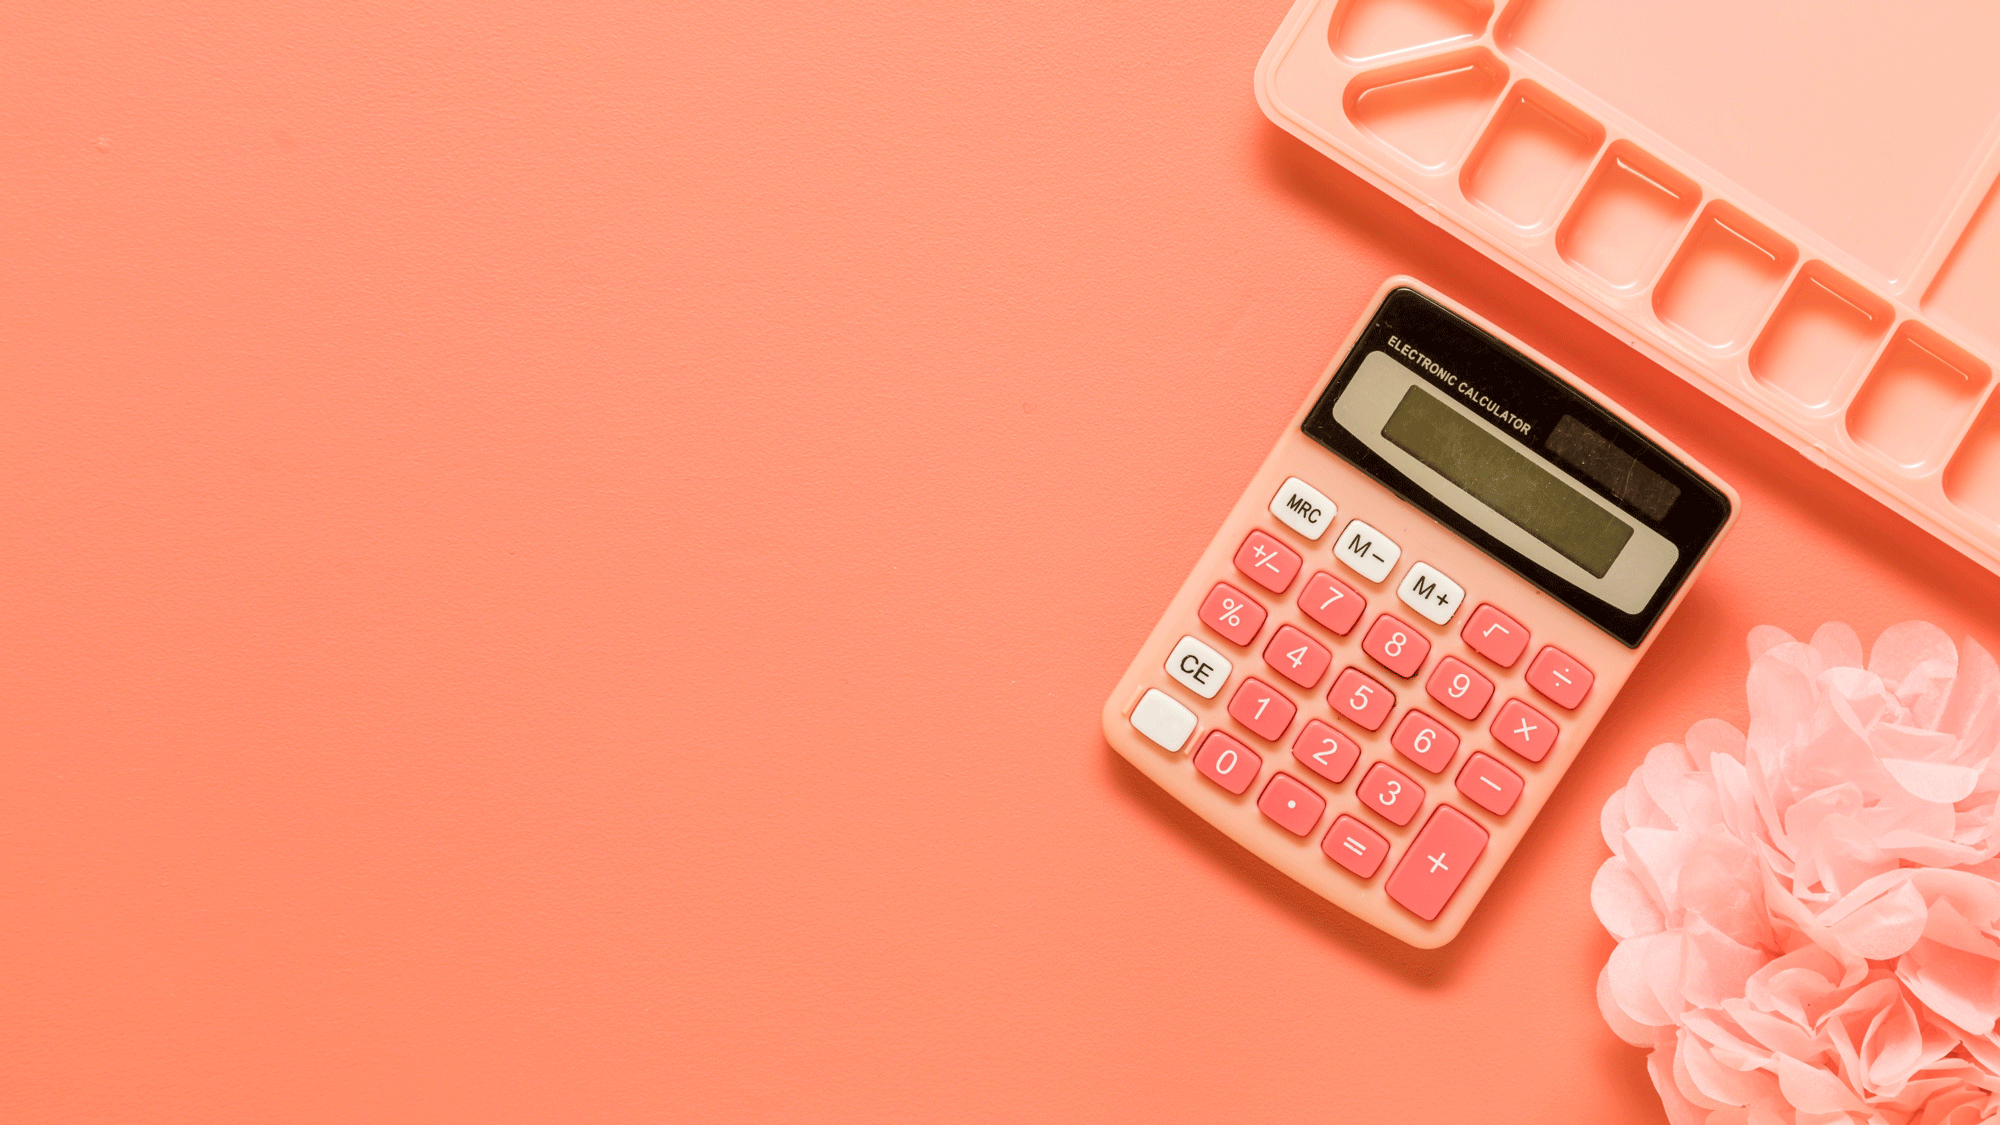 Jak ustalić cenę swojego produktu lub usługi - kalkulator, strategie cenowe, wycenianie w biznesie, Kobieca Strona Biznesu, blog dla przedsiębiorczych kobiet, Karolina Kołodziejczyk